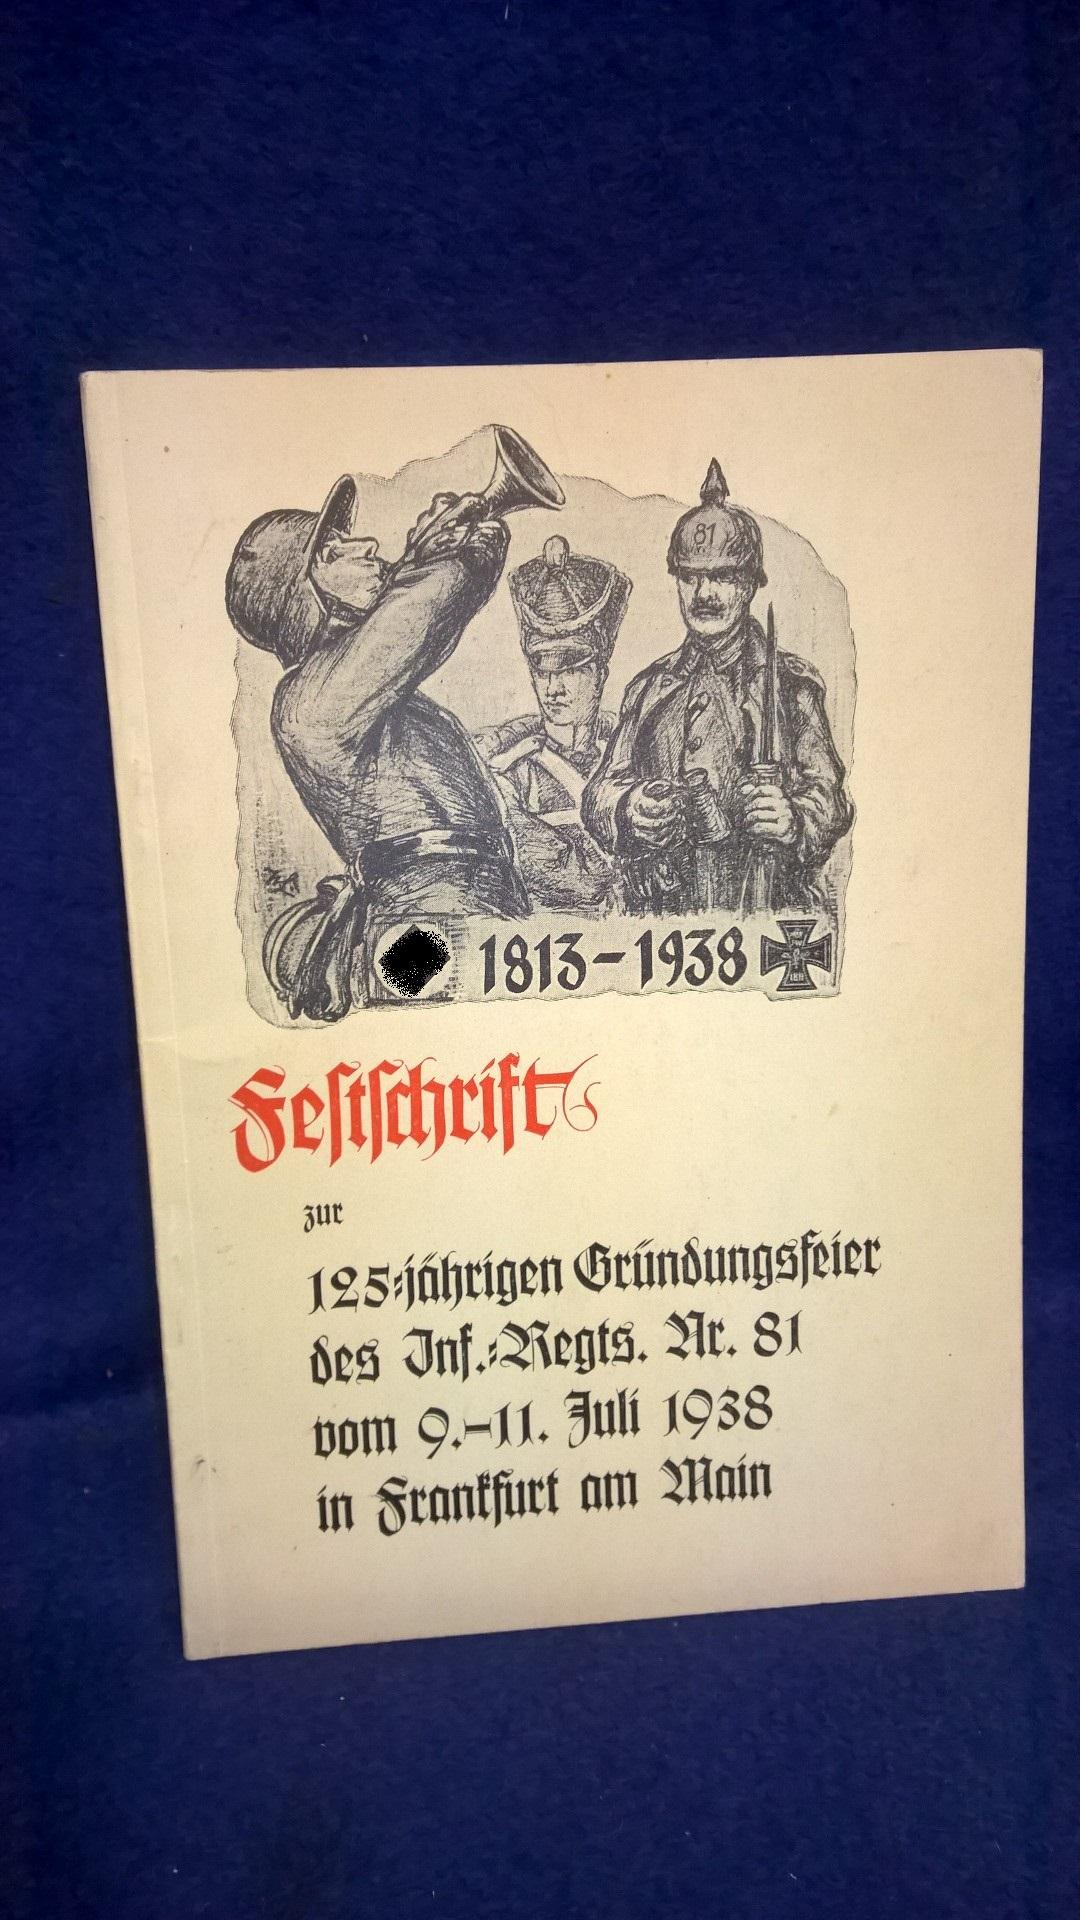 Festschrift zur 125jährigen Gründungs=Feier des Infanterie-Regiments Nr. 81 vom 9.-11. Juli 1938 in Frankfurt am Main.